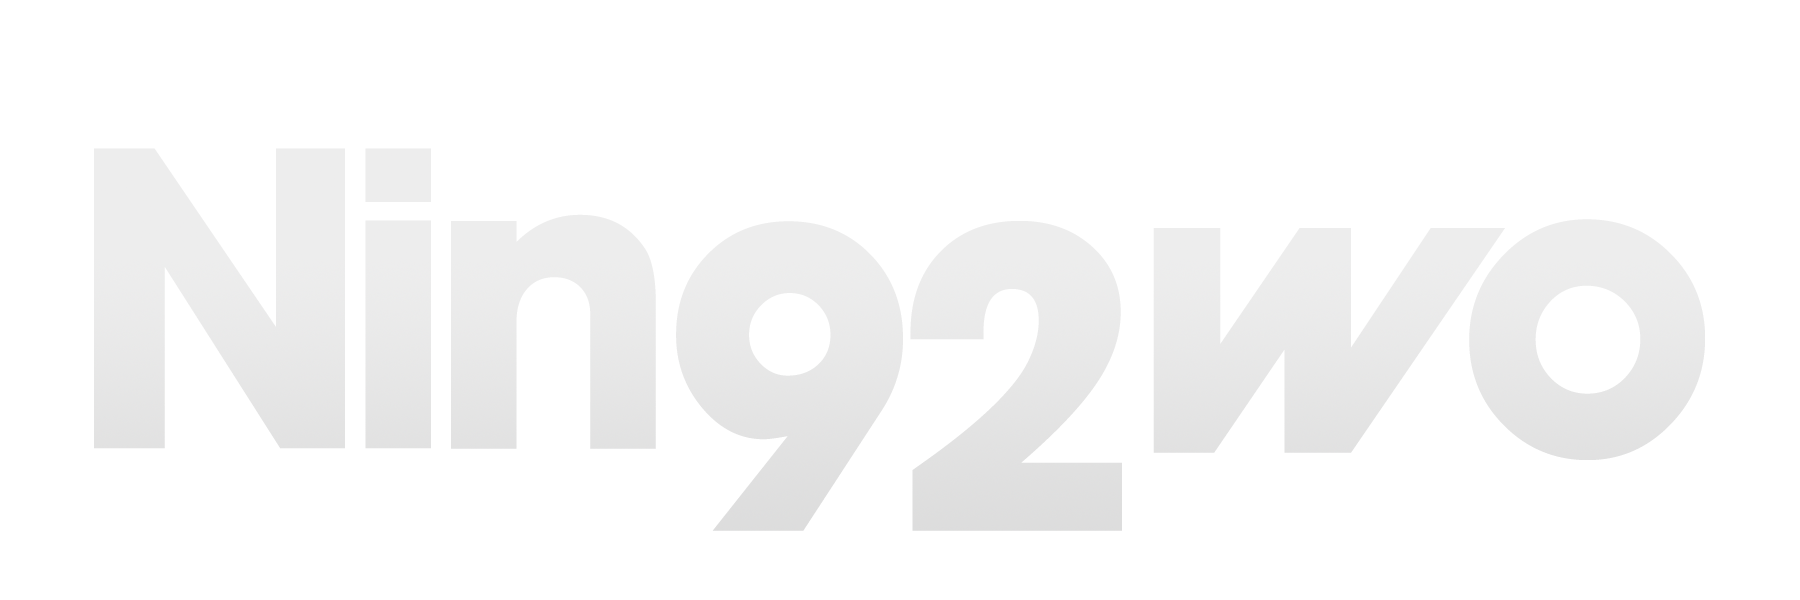 Nin92wo